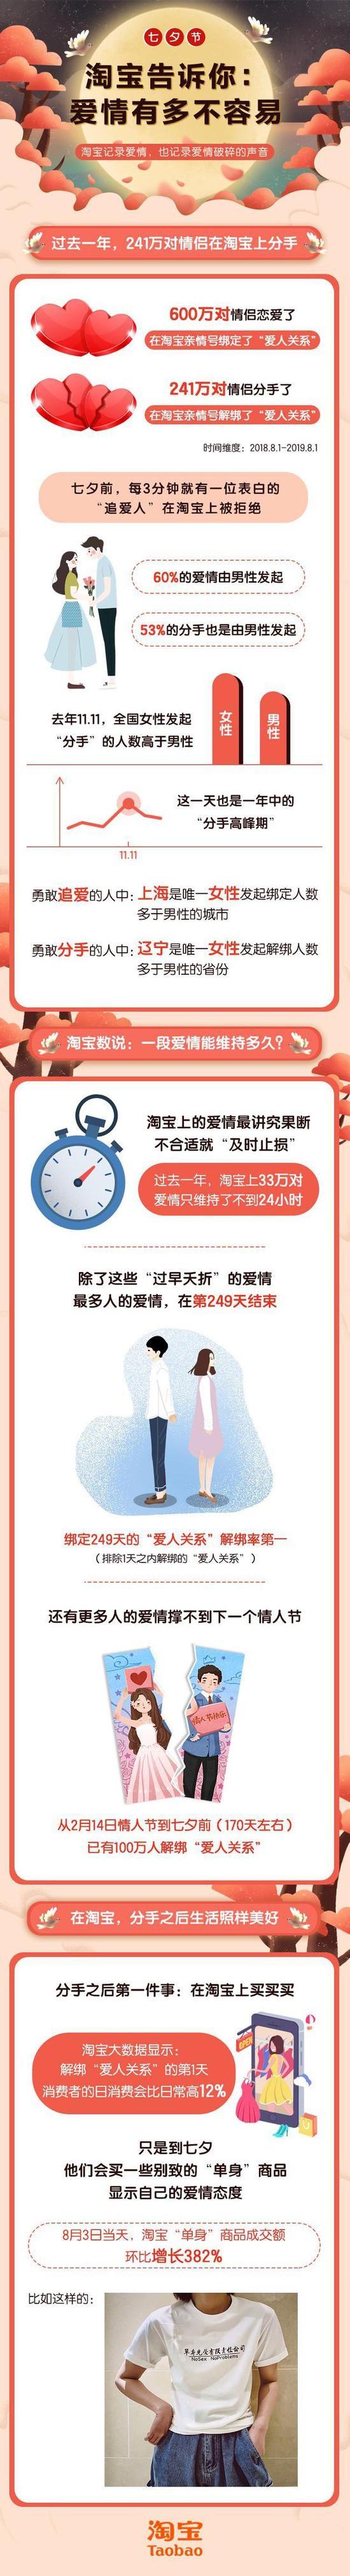 淘宝推《七夕报告》:大多数人爱情结束在第249天